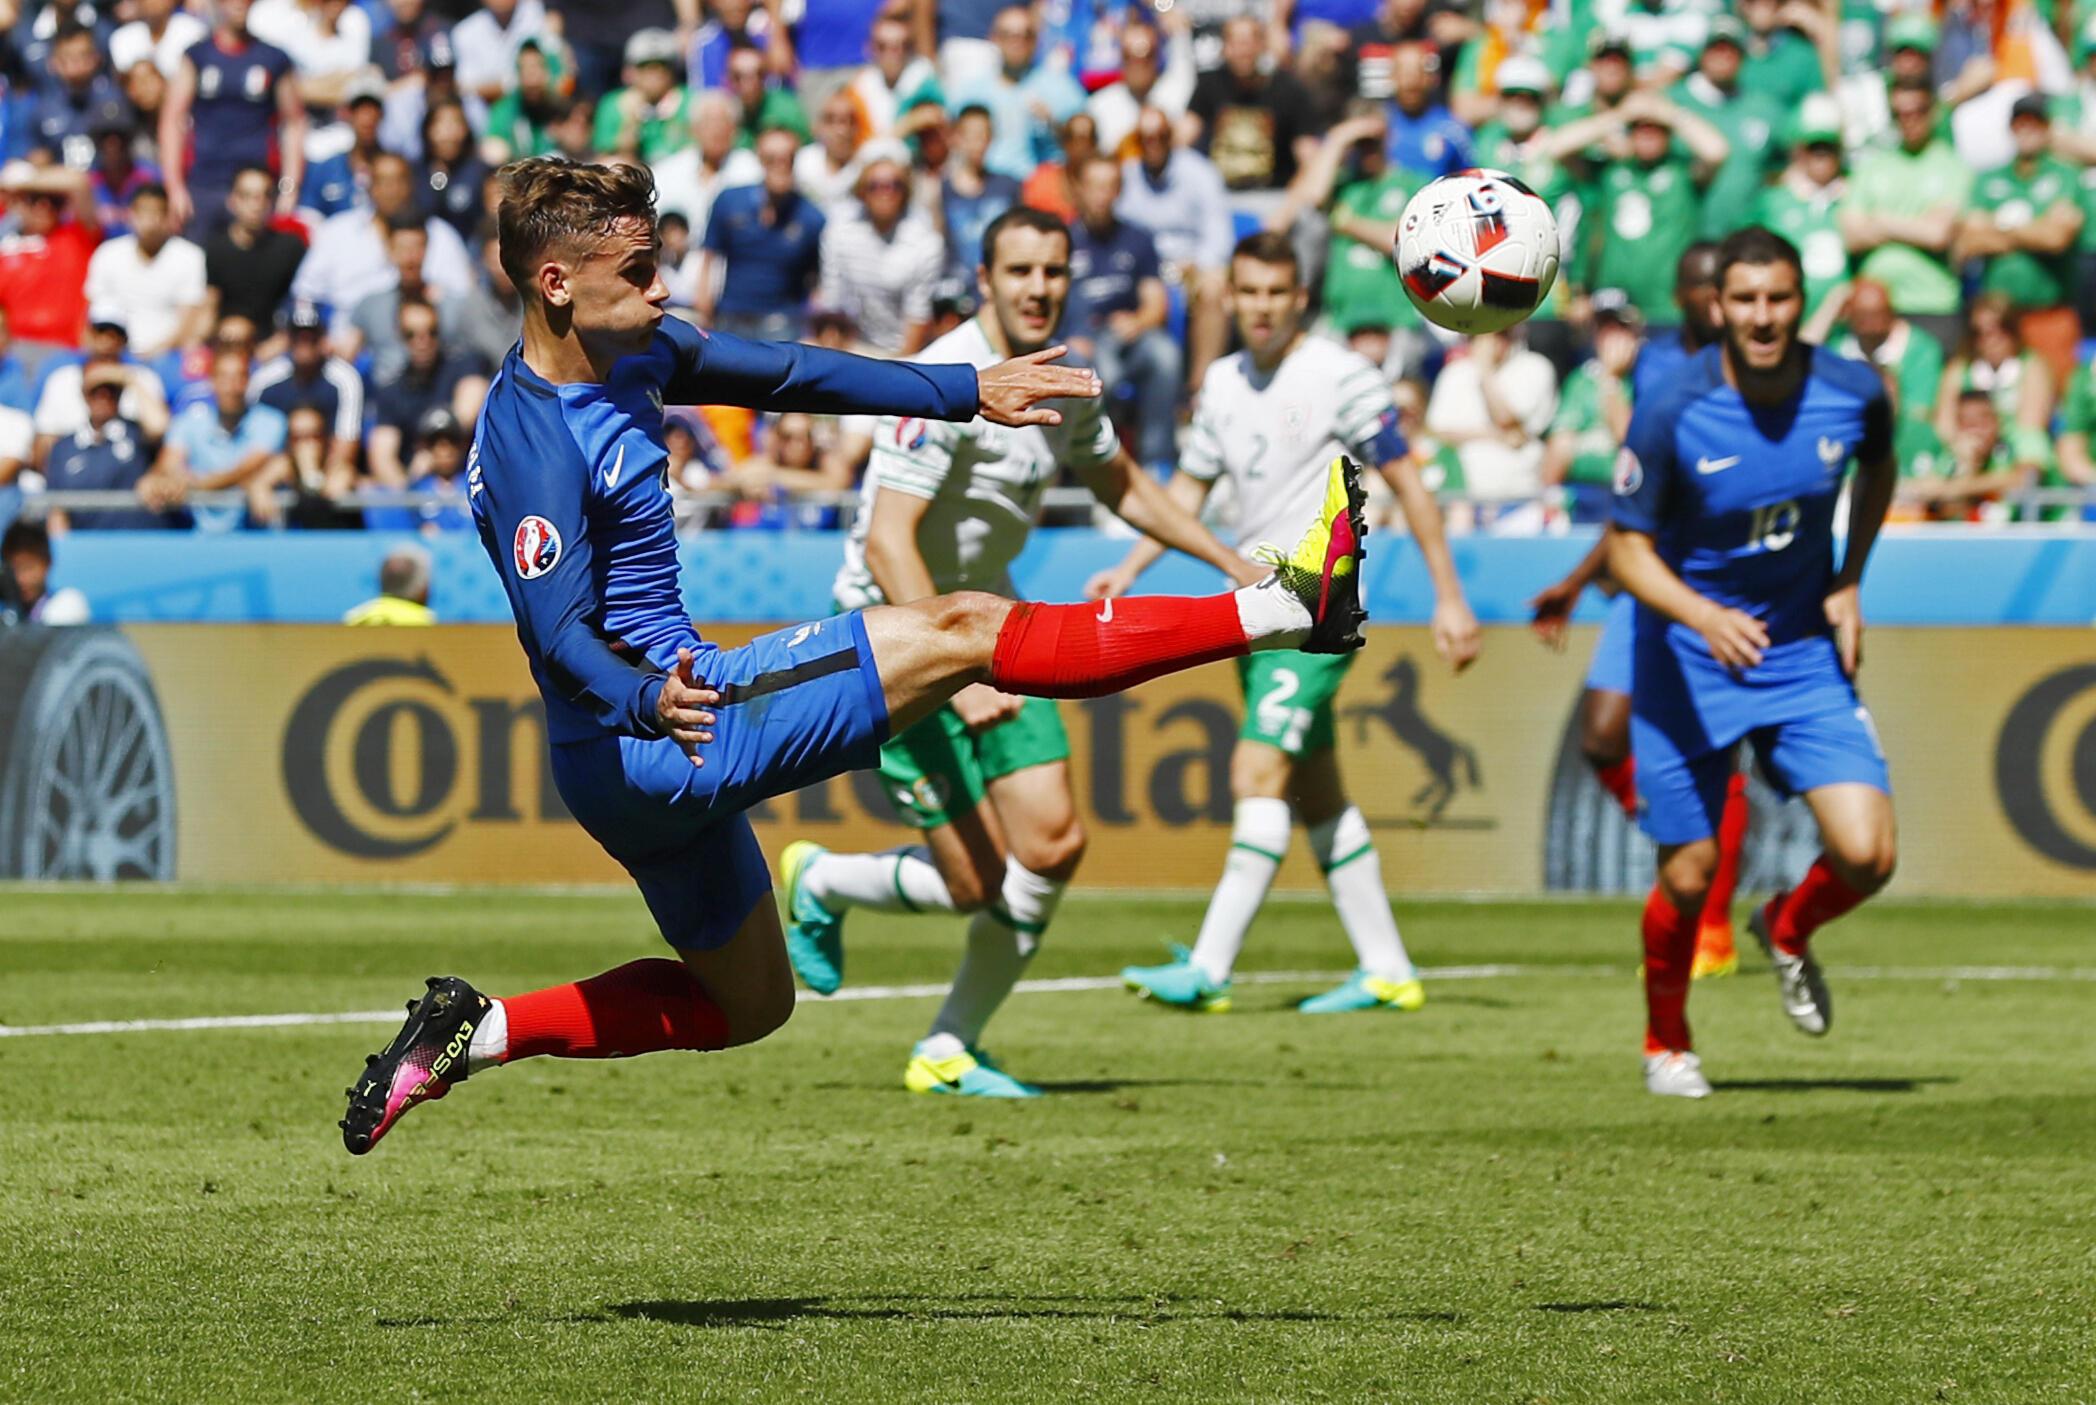 مهاجم تیم فرانسه، آنتوان گرییزمن، که با فرستادن ۲ گُل به دروازۀ ایرلند، راه را برای دست یافتن فرانسه به یک چهارم نهائی گشود